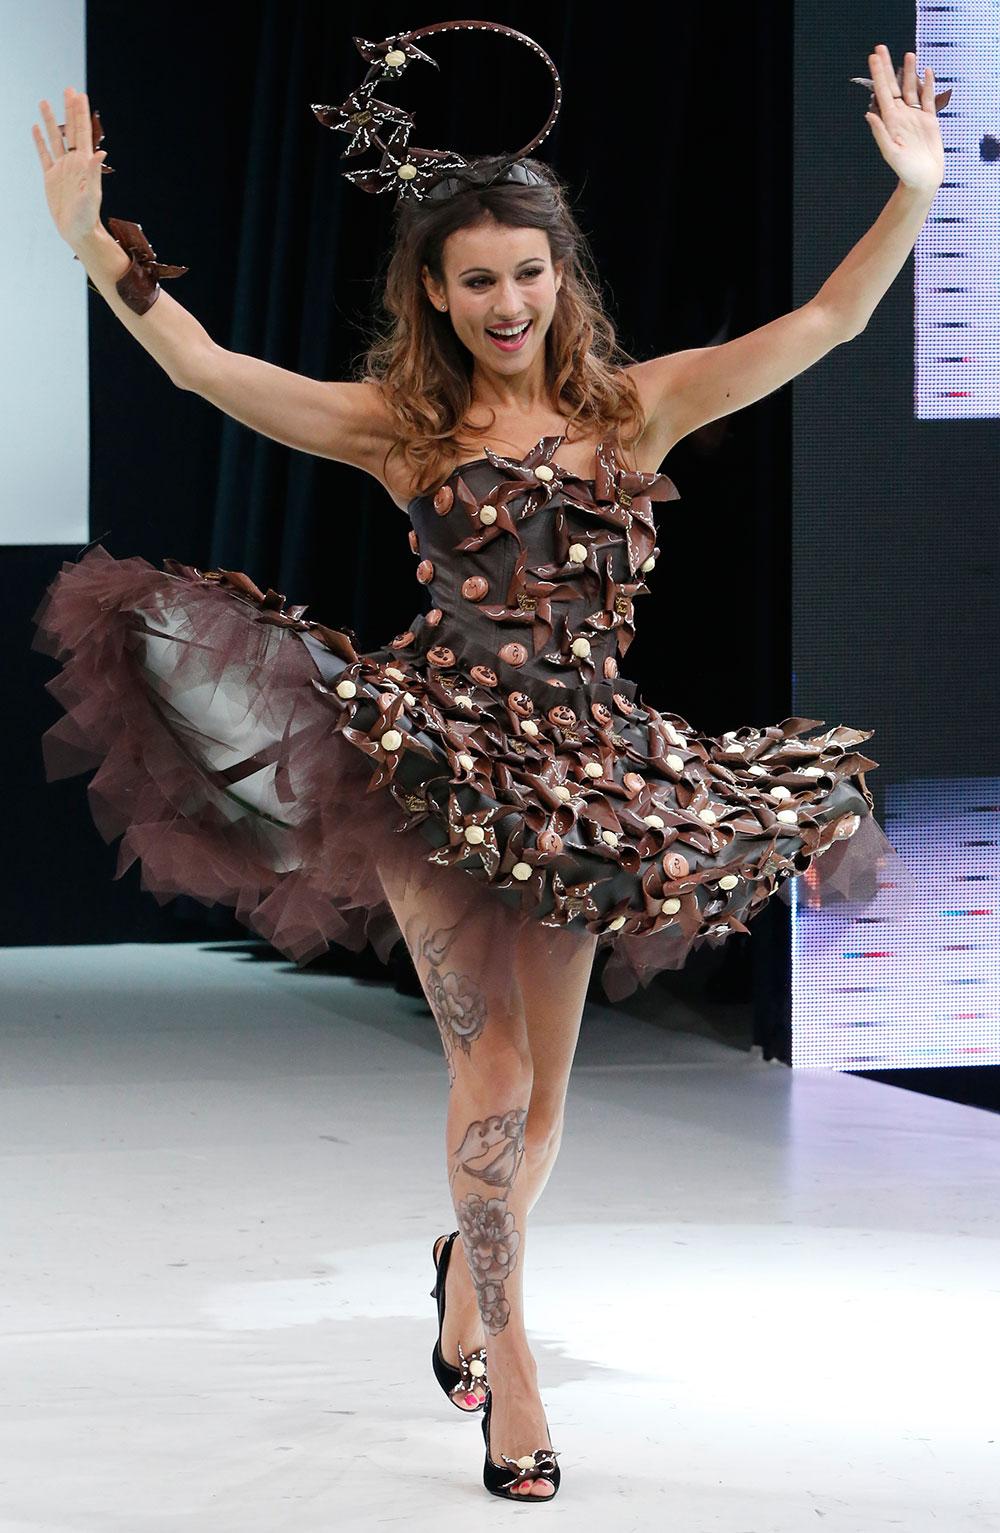 चॉकलेट ड्रेस फॅशन शोमध्ये चॉकलेटचा ड्रेस परिधान केलेली फ्रेंच मॉडेल